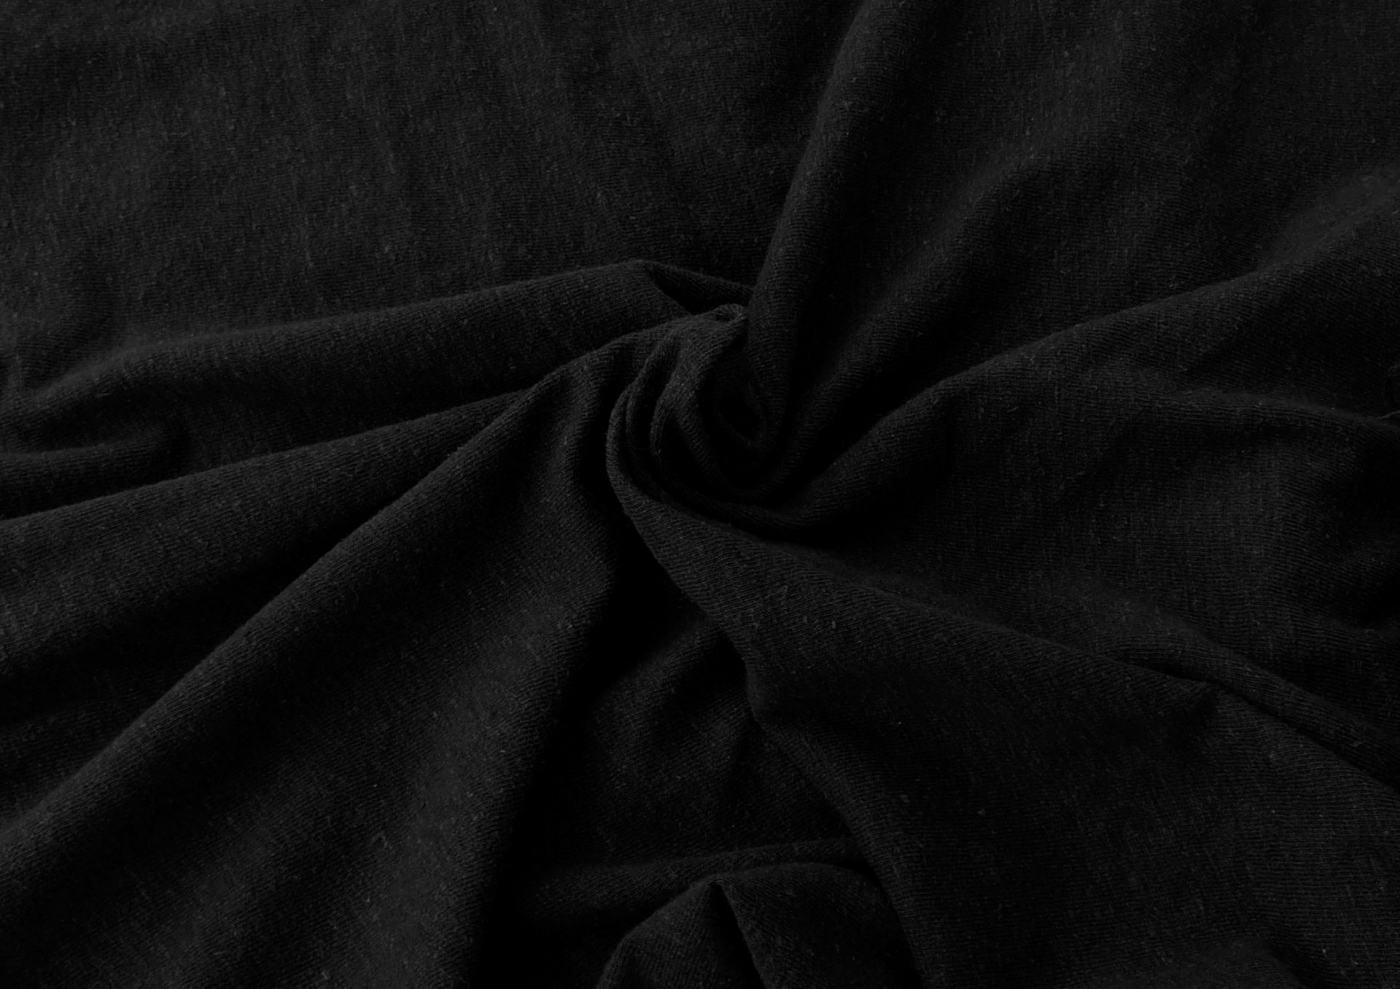 schwarz digital erstellt